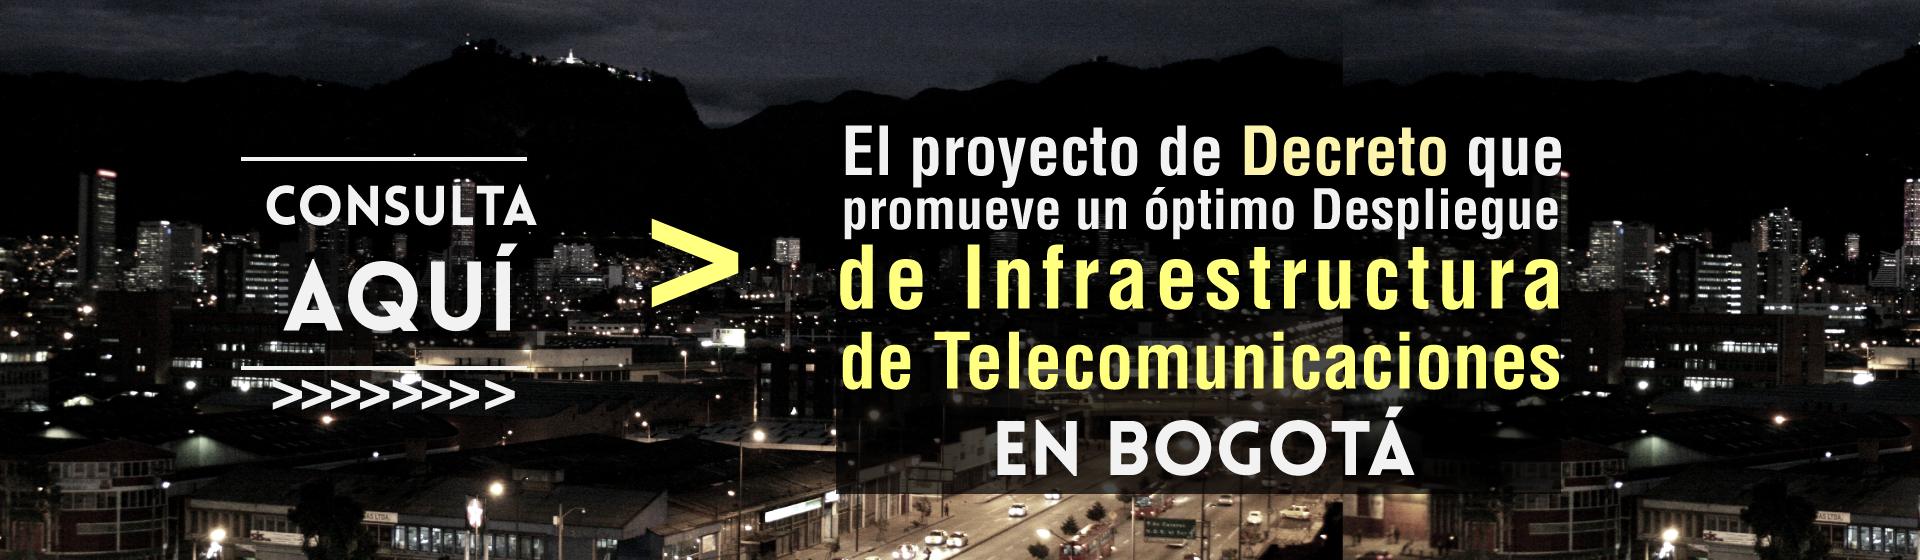 Decreto Despliegue de Infraestructura de Telecomunicaciones